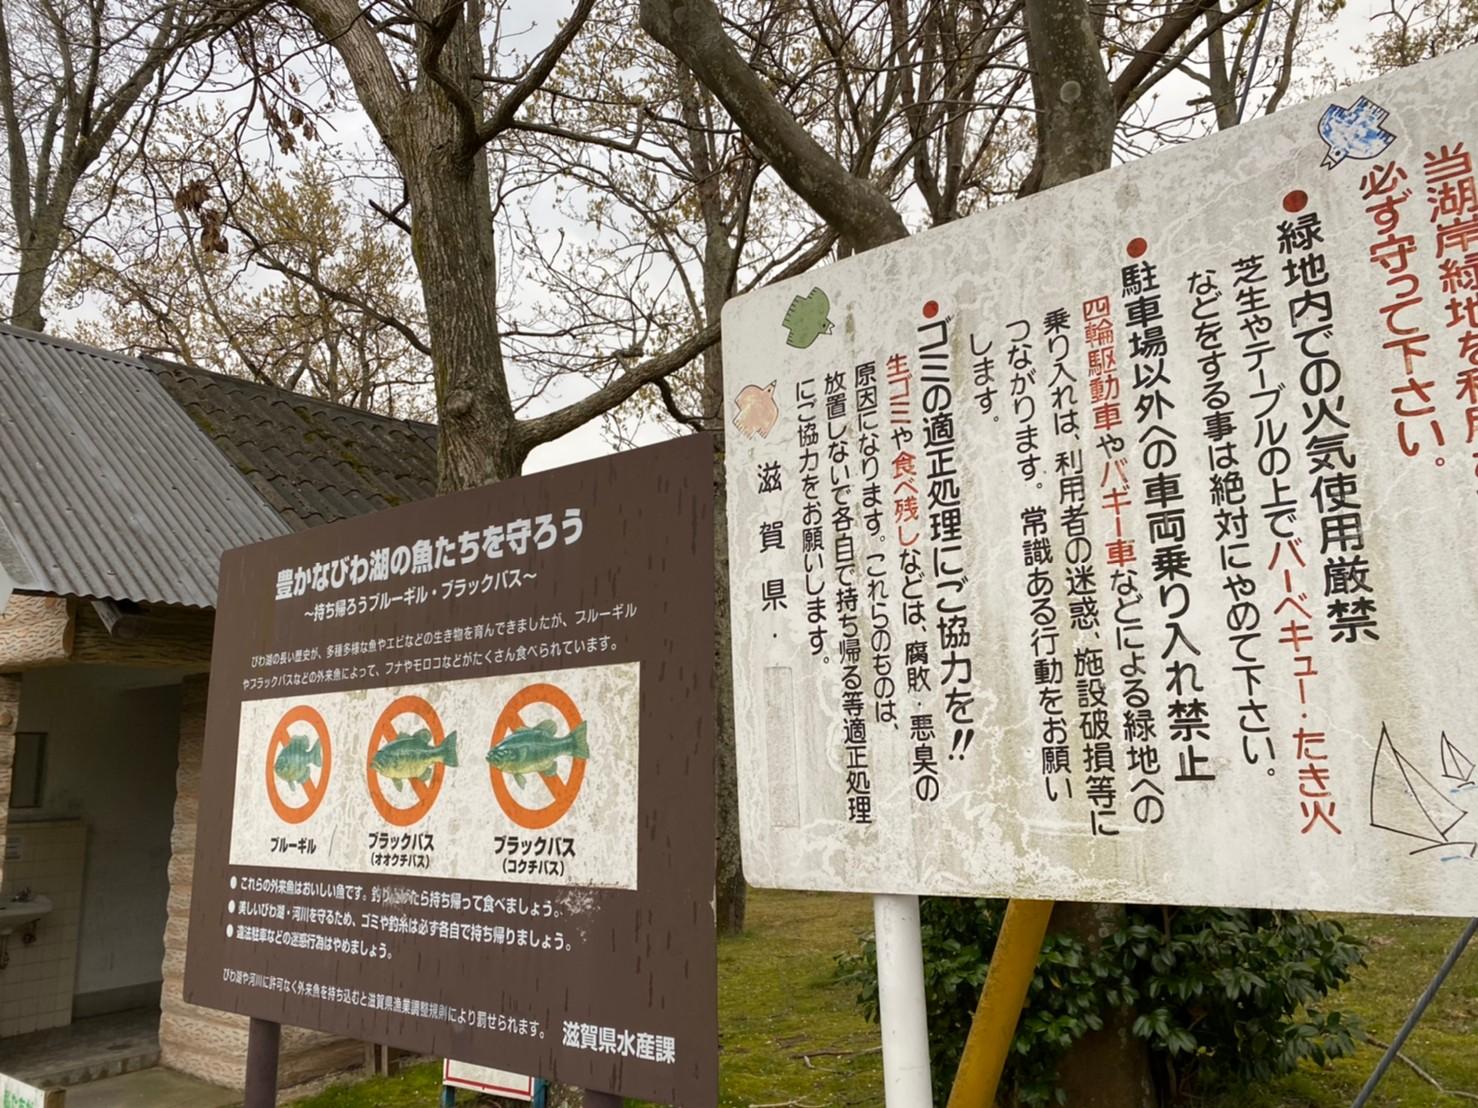 【大津市】『木戸湖岸緑地』のアウトドア情報(駐車場・トイレ・釣り)